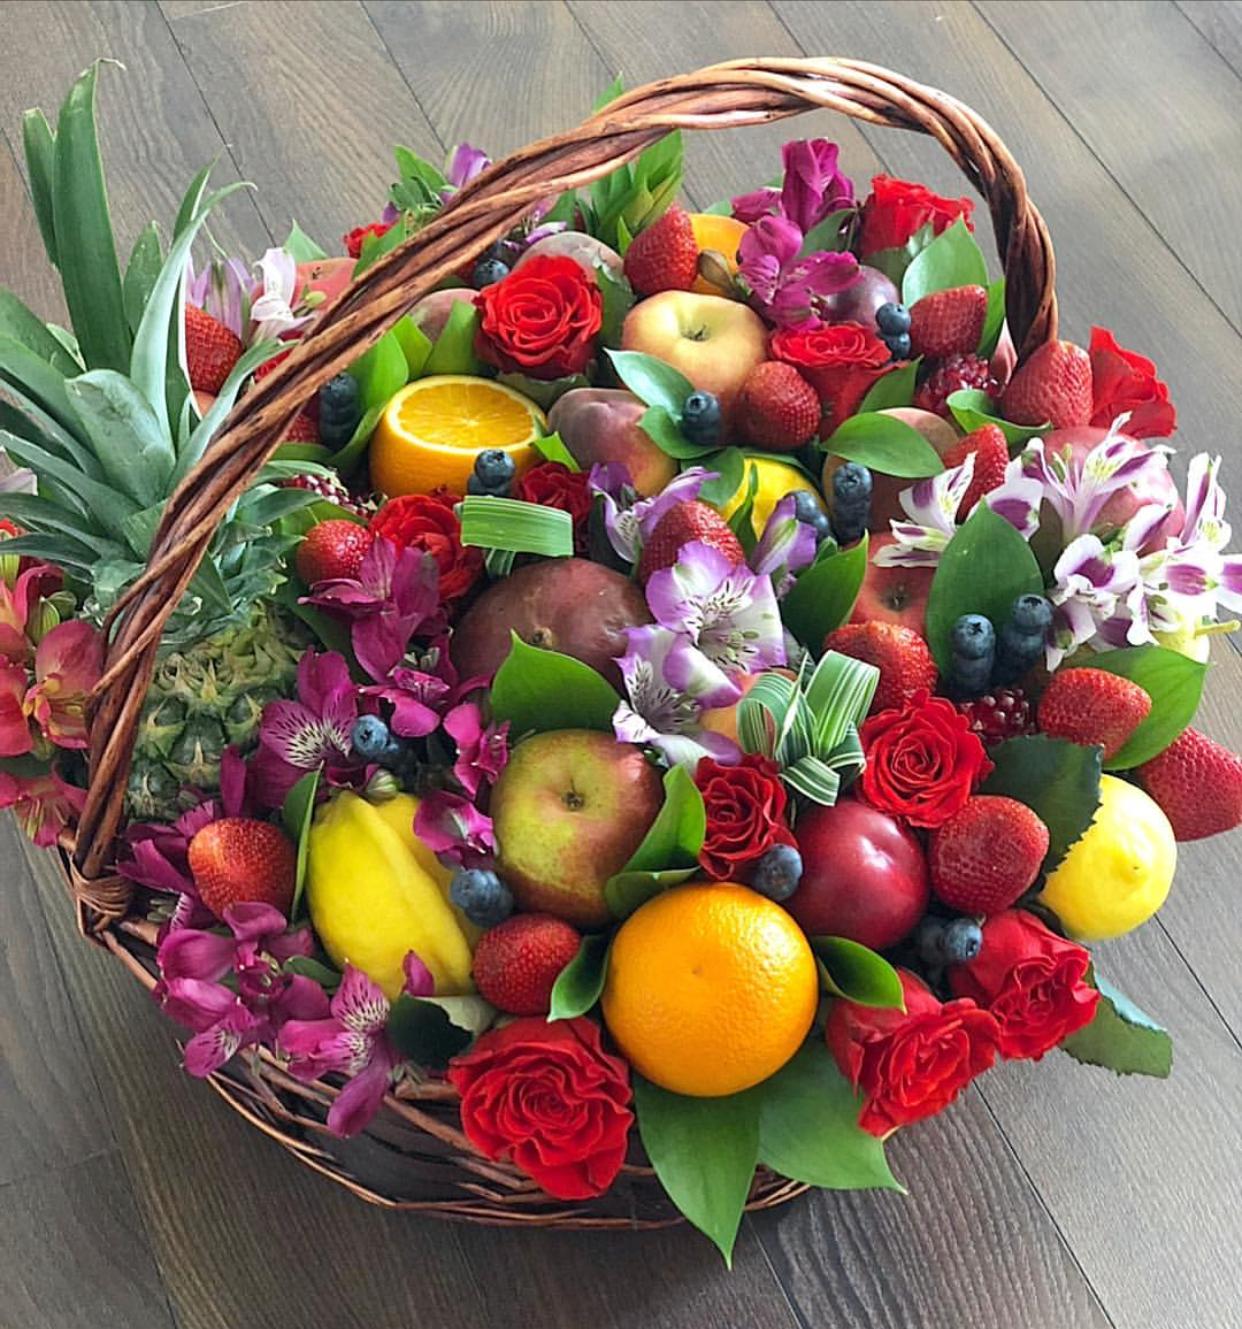 Харьков букет в корзине с фруктами, купить